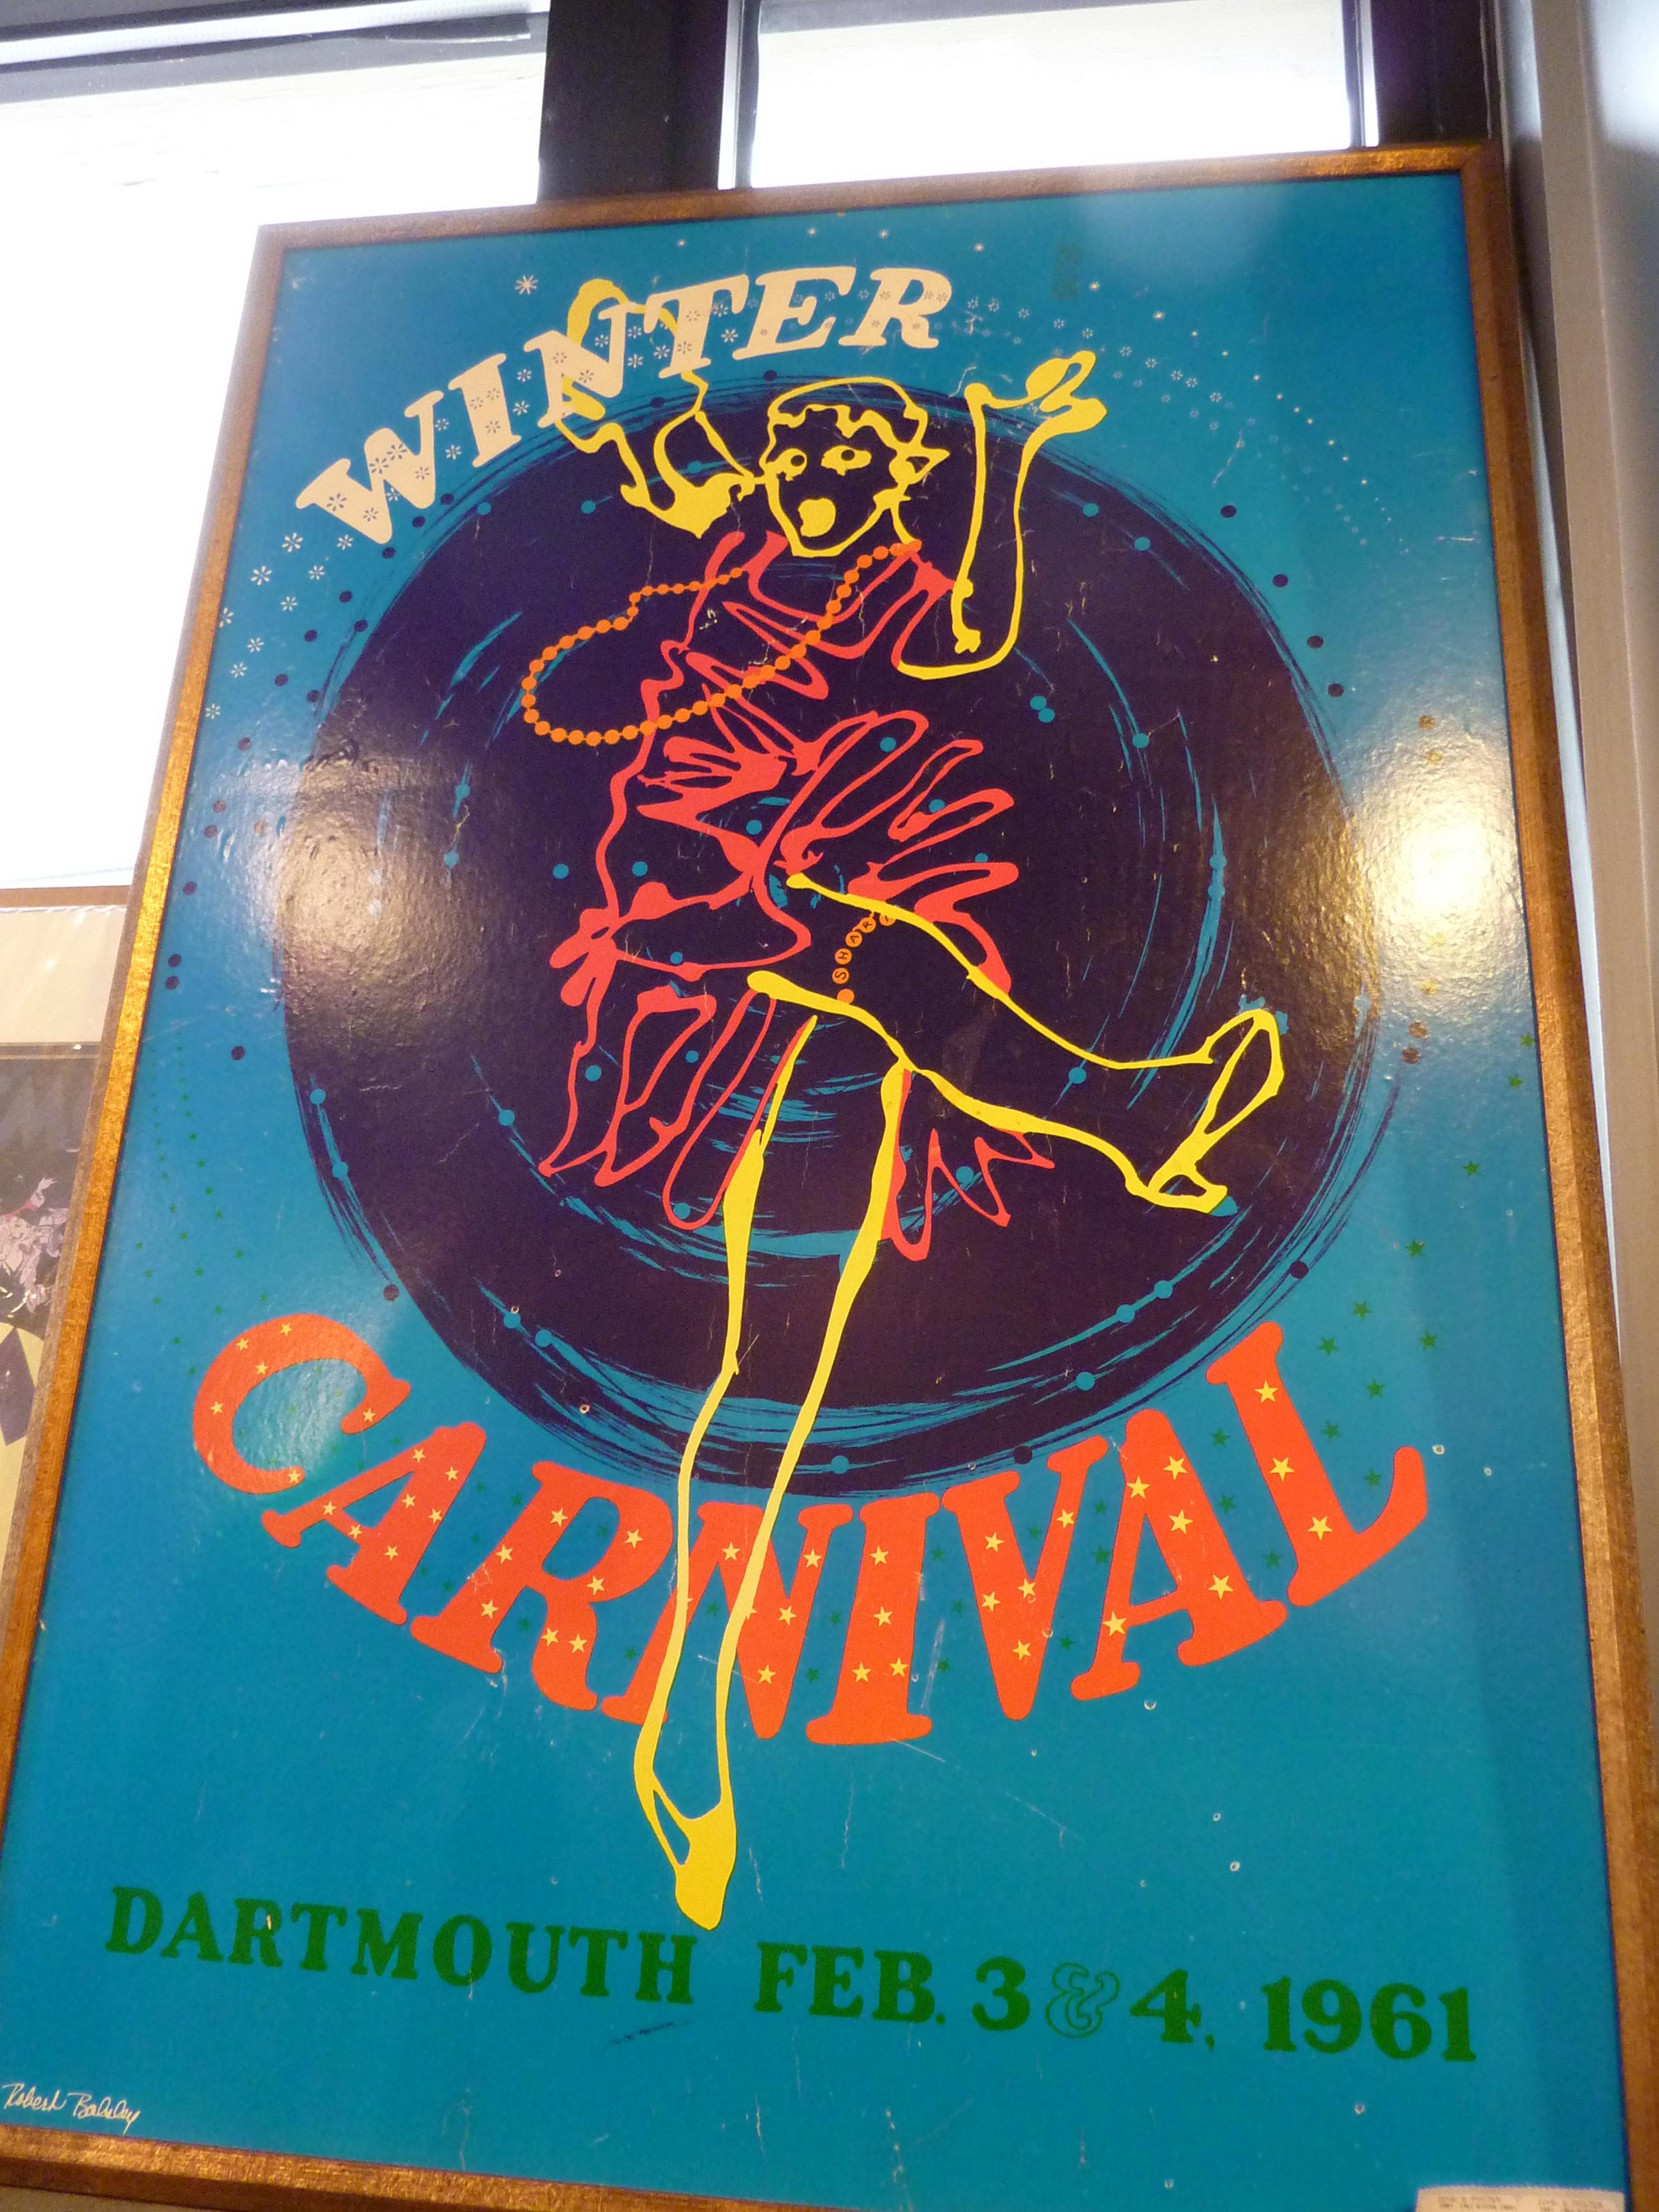 Dartmouth Winter Carnival 1961